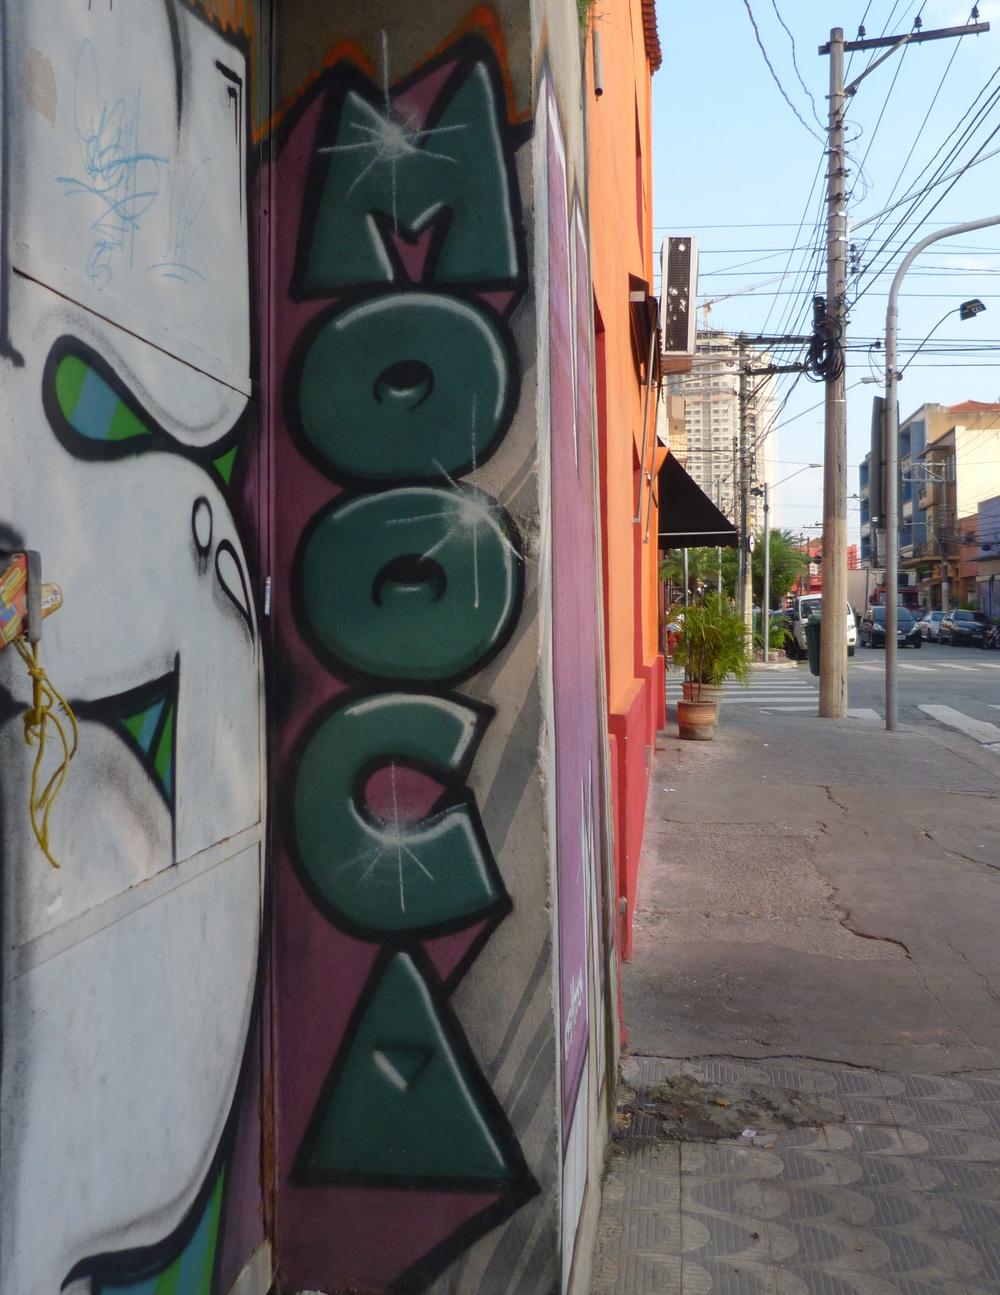 A Mooca é um bairro situado na zona leste de São Paulo, os mooquenses são tão bairristas que podemos ver até nas paredes o reflexo dessa devoção. Existe algum outro bairro em São Paulo que os seus moradores são extremamente bairristas? E em outras cidades?